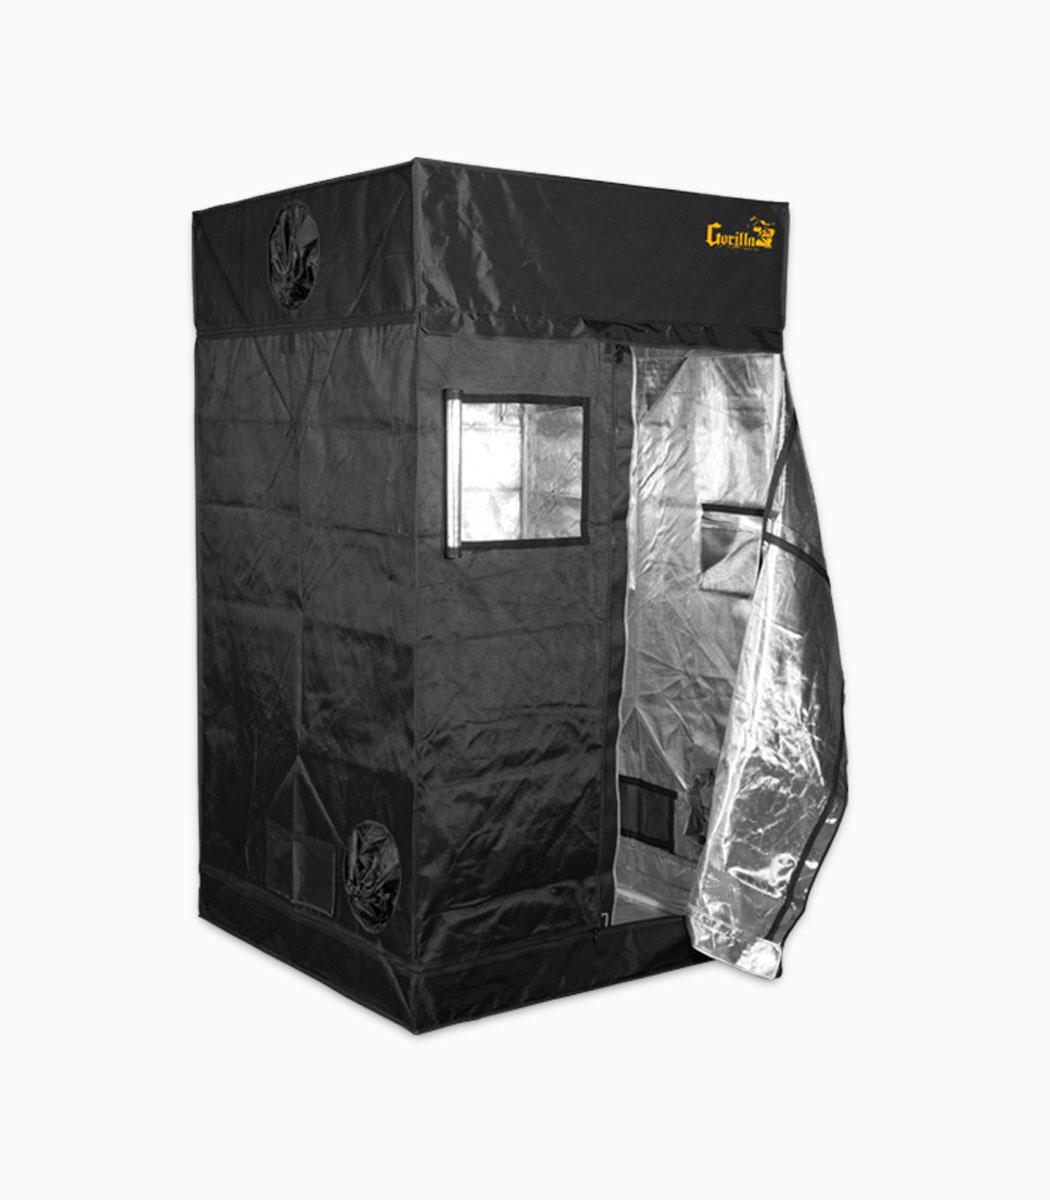 Gorilla Grow Tent 4 x 4 GGT44